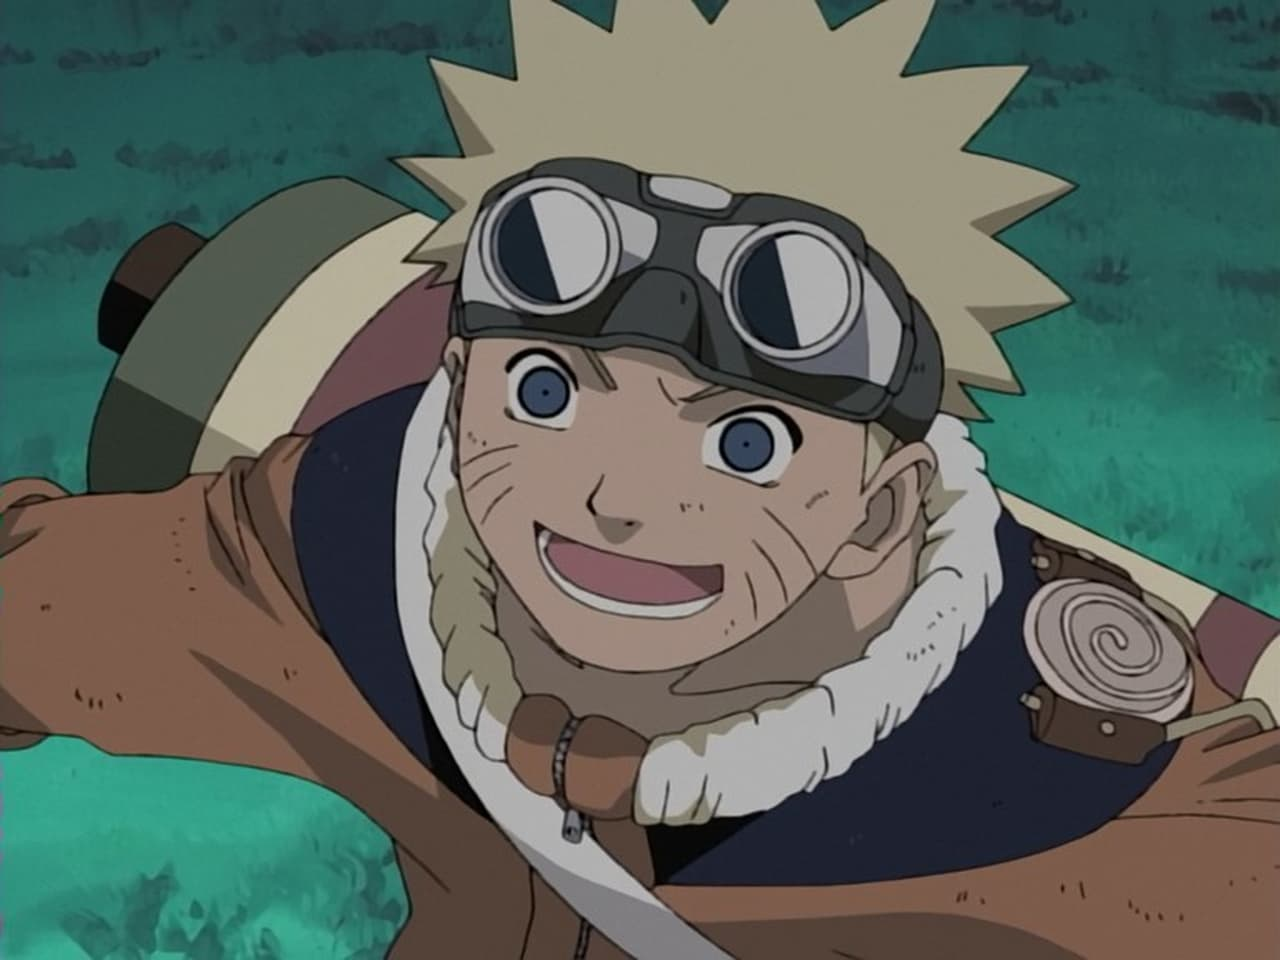 Naruto - Season 1 Episode 1 : Enter: Naruto Uzumaki! (2007)